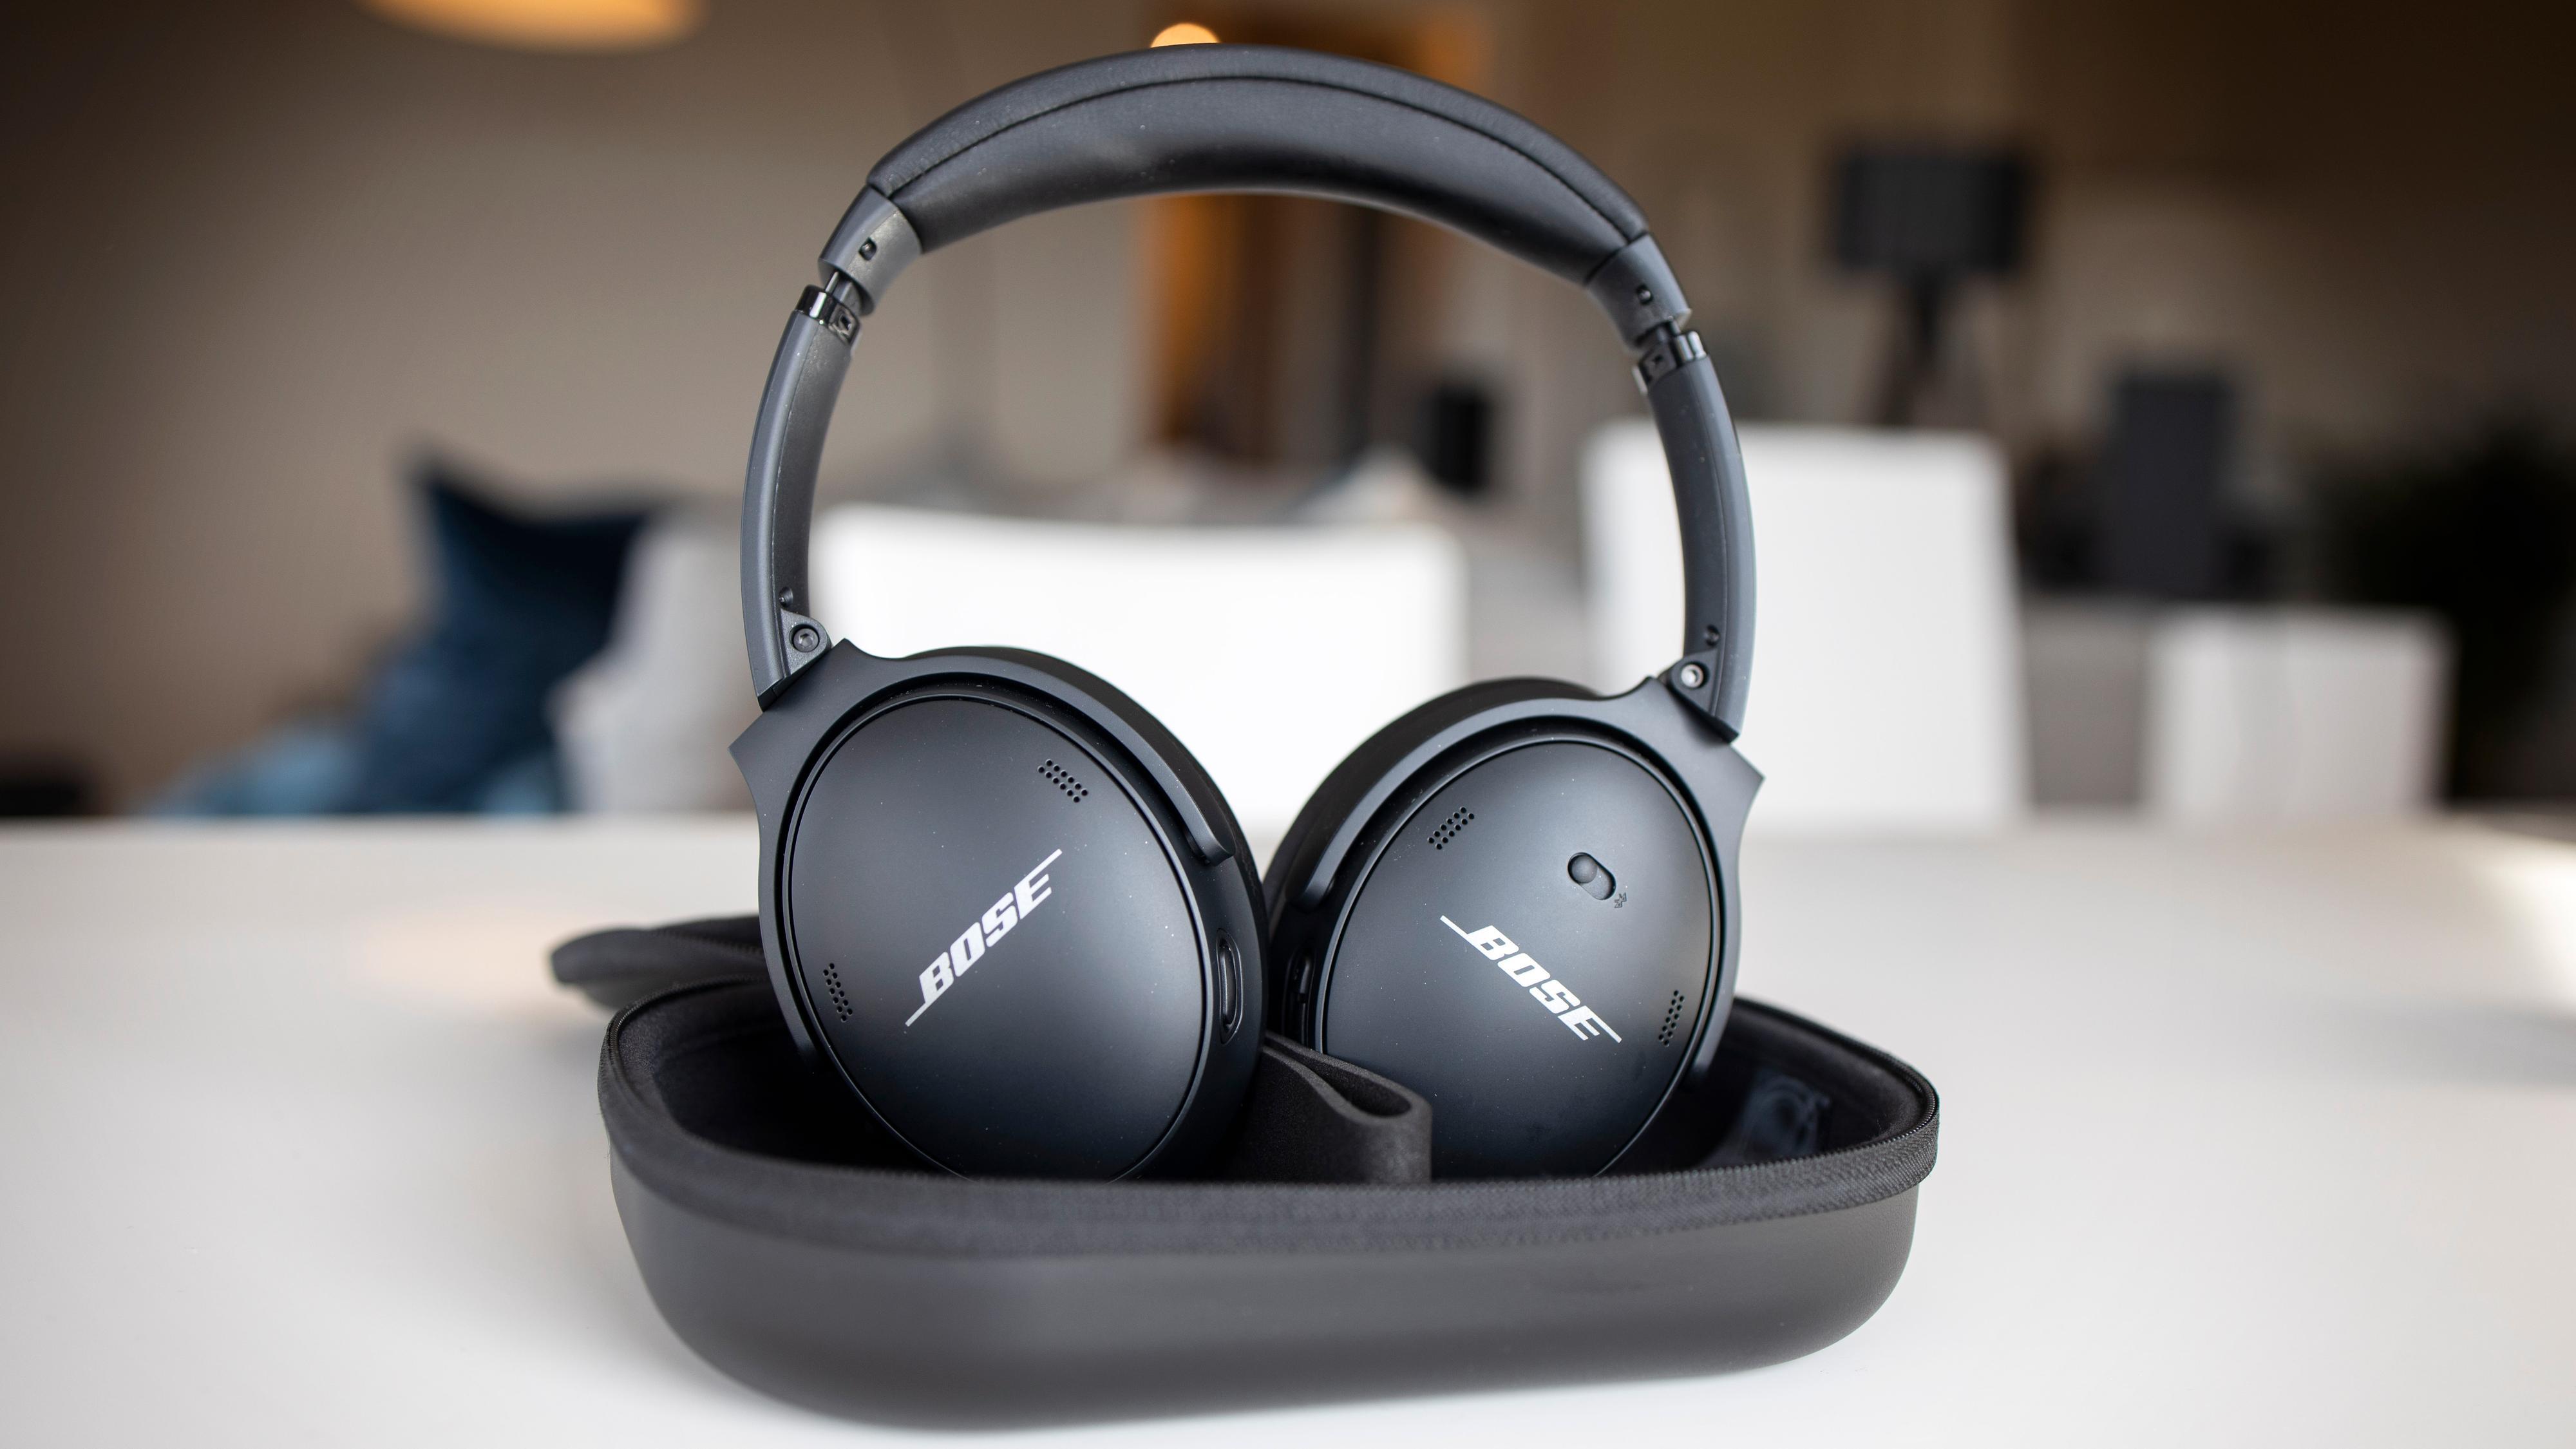 Ser det kjent ut? Bose viderefører designet fra tidligere QuietComfort-hodetelefoner, men har oppdatert teknologien inni.